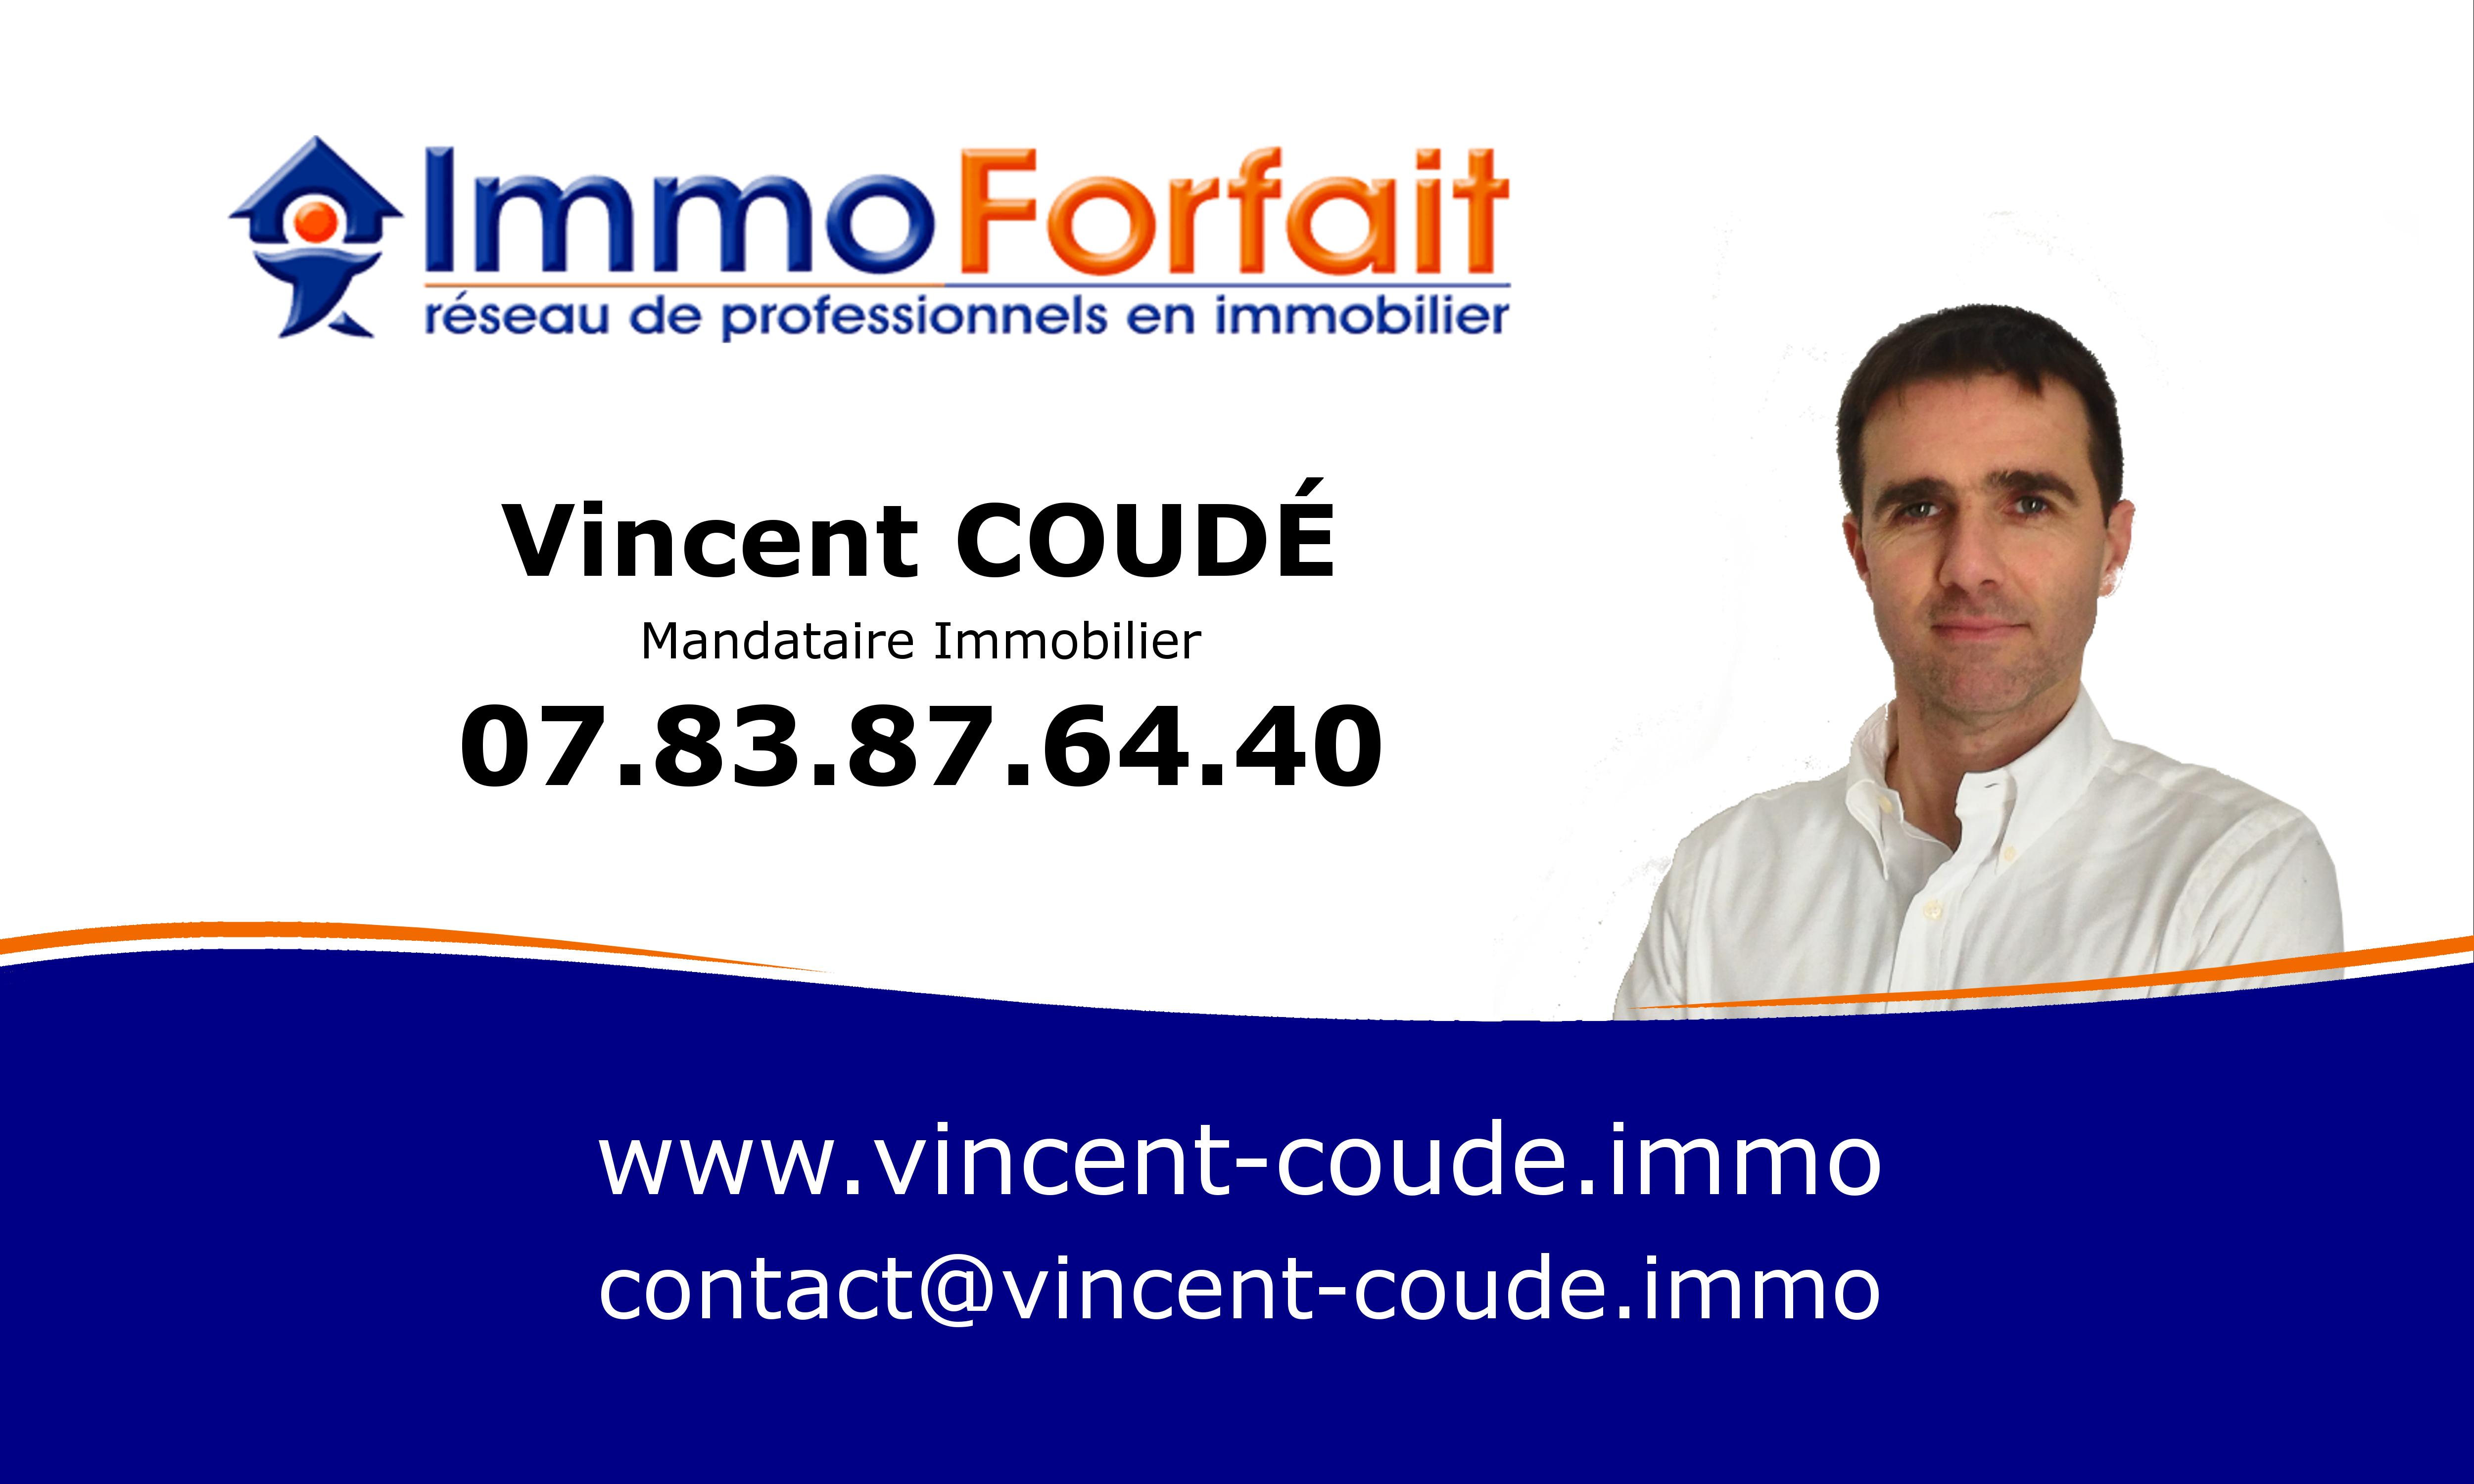 Vincent Coudé consultant immobilier investissement locatif Montpellier